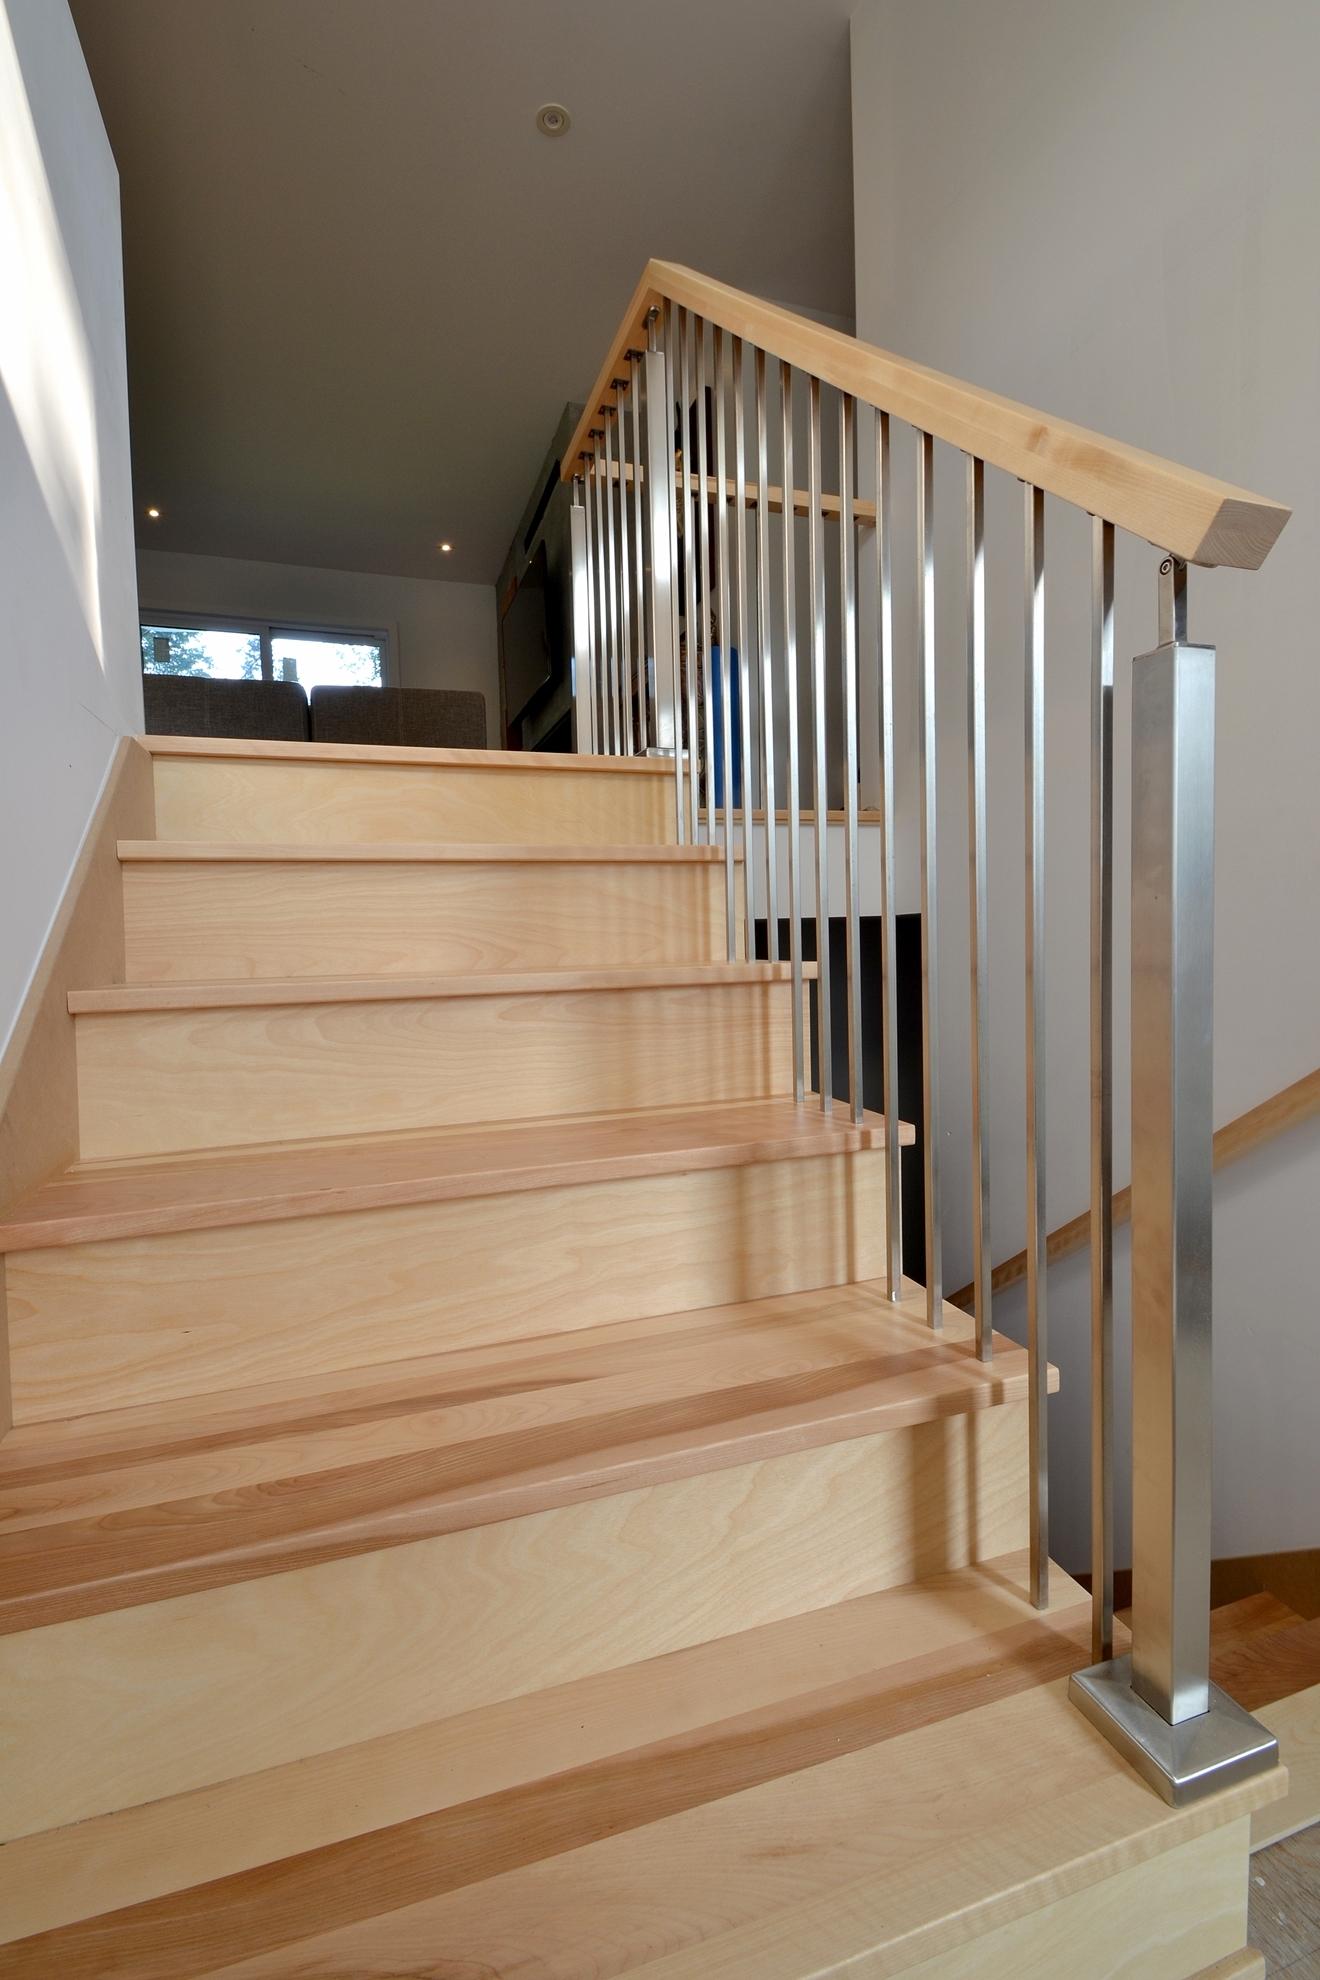 Picture of 03-Escalier barreaux de métal